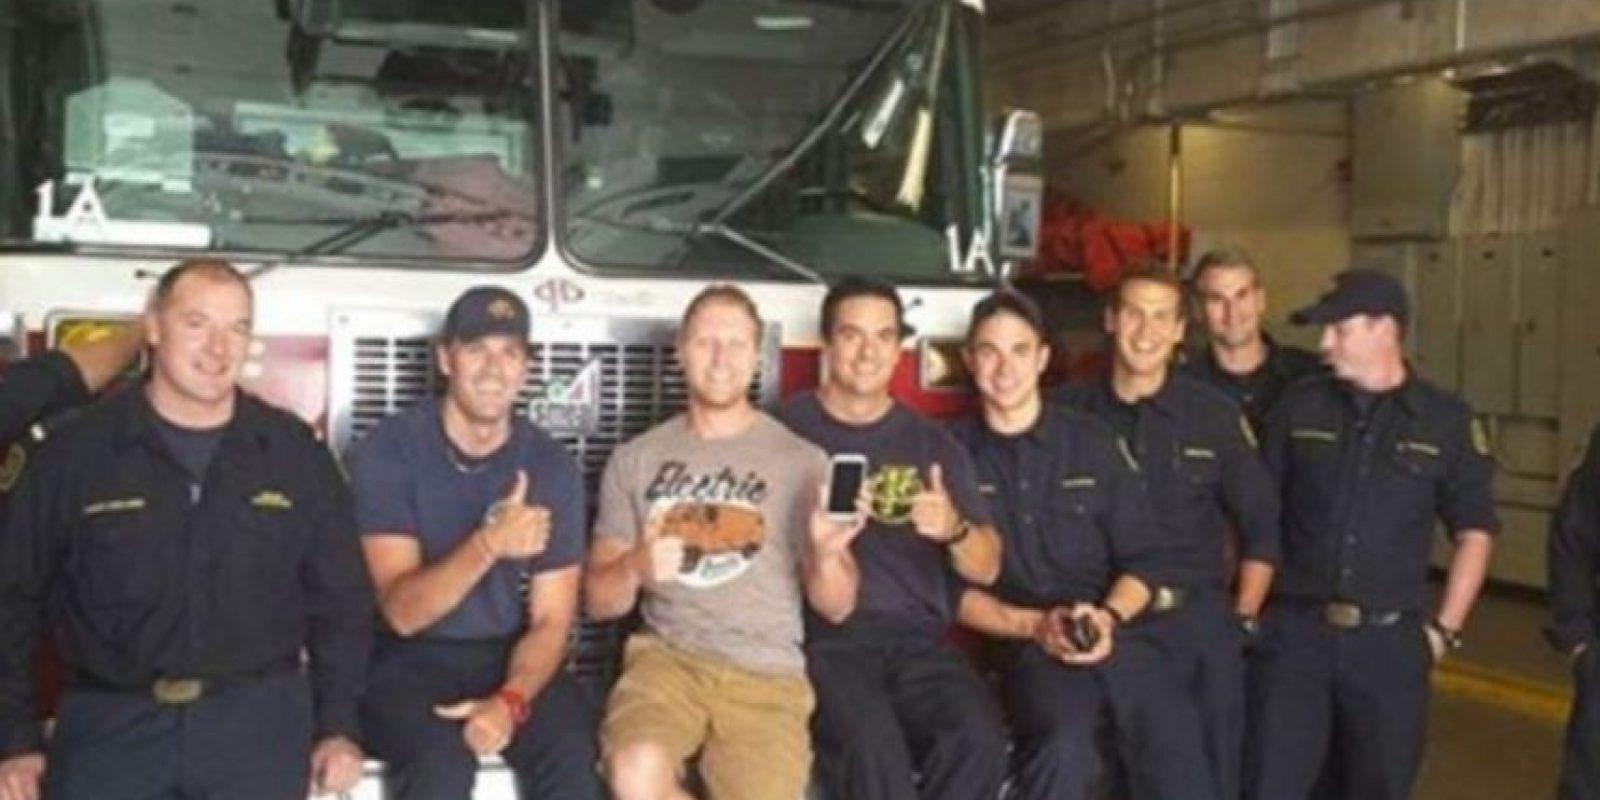 3. Bomberos de Canadá encontraron un teléfono perdido y tomaron fotos con él Foto:Facebook.com/nathan.buhler